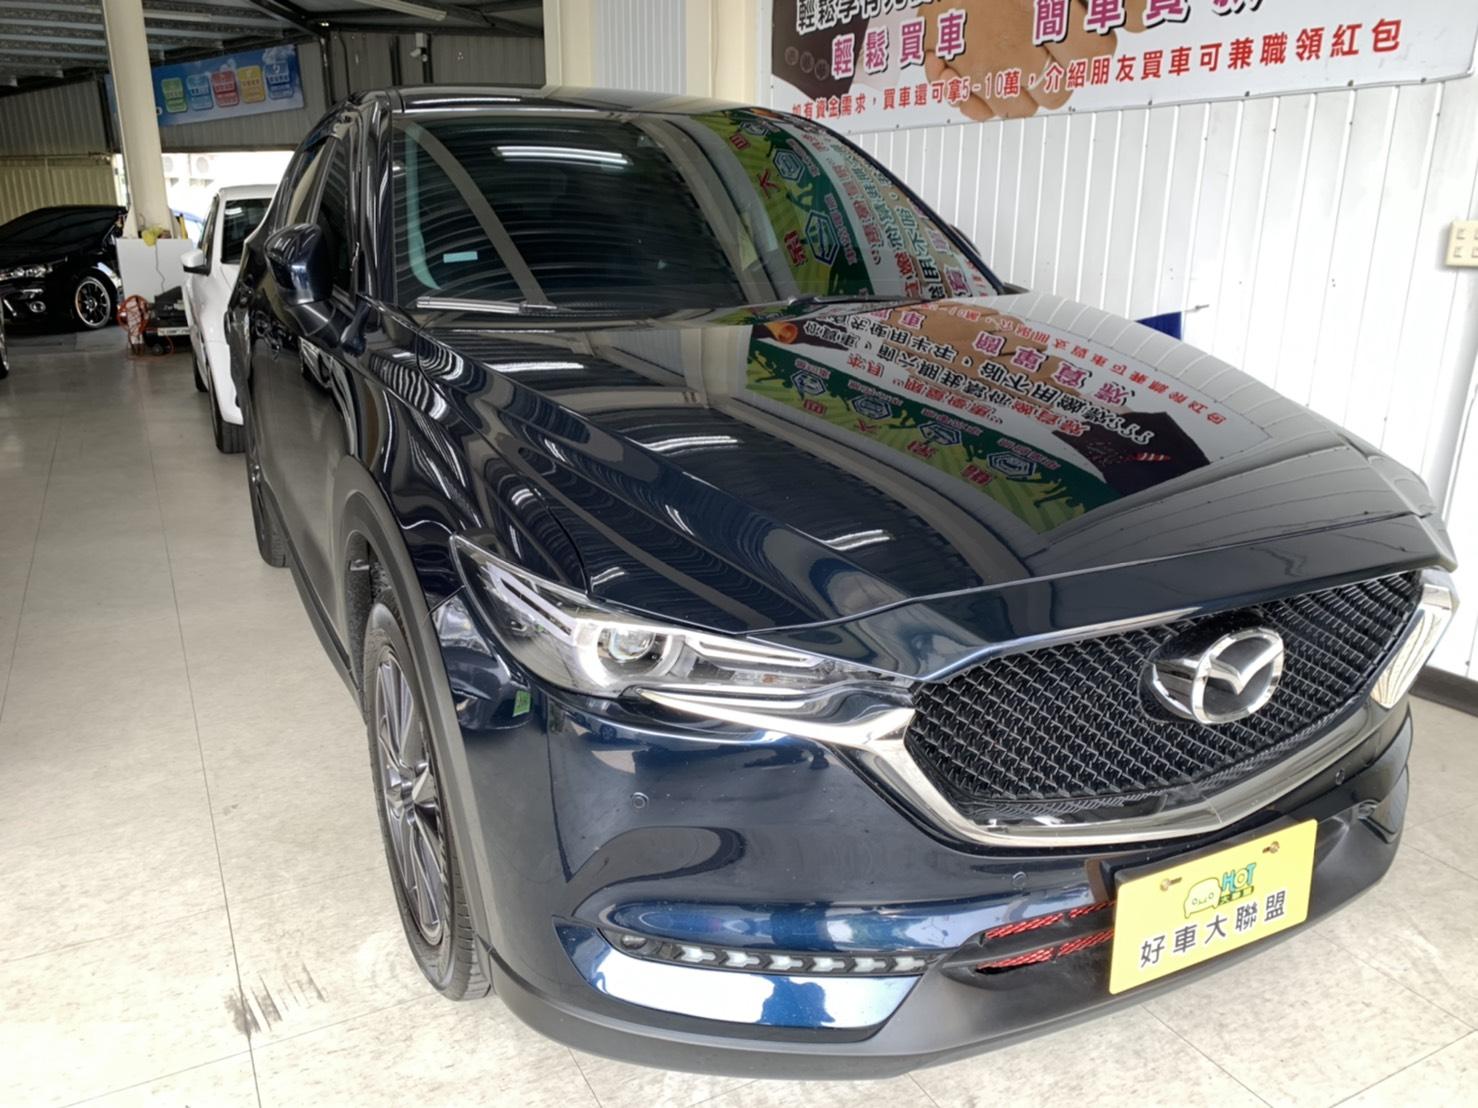 2017 Mazda 馬自達 Cx-5